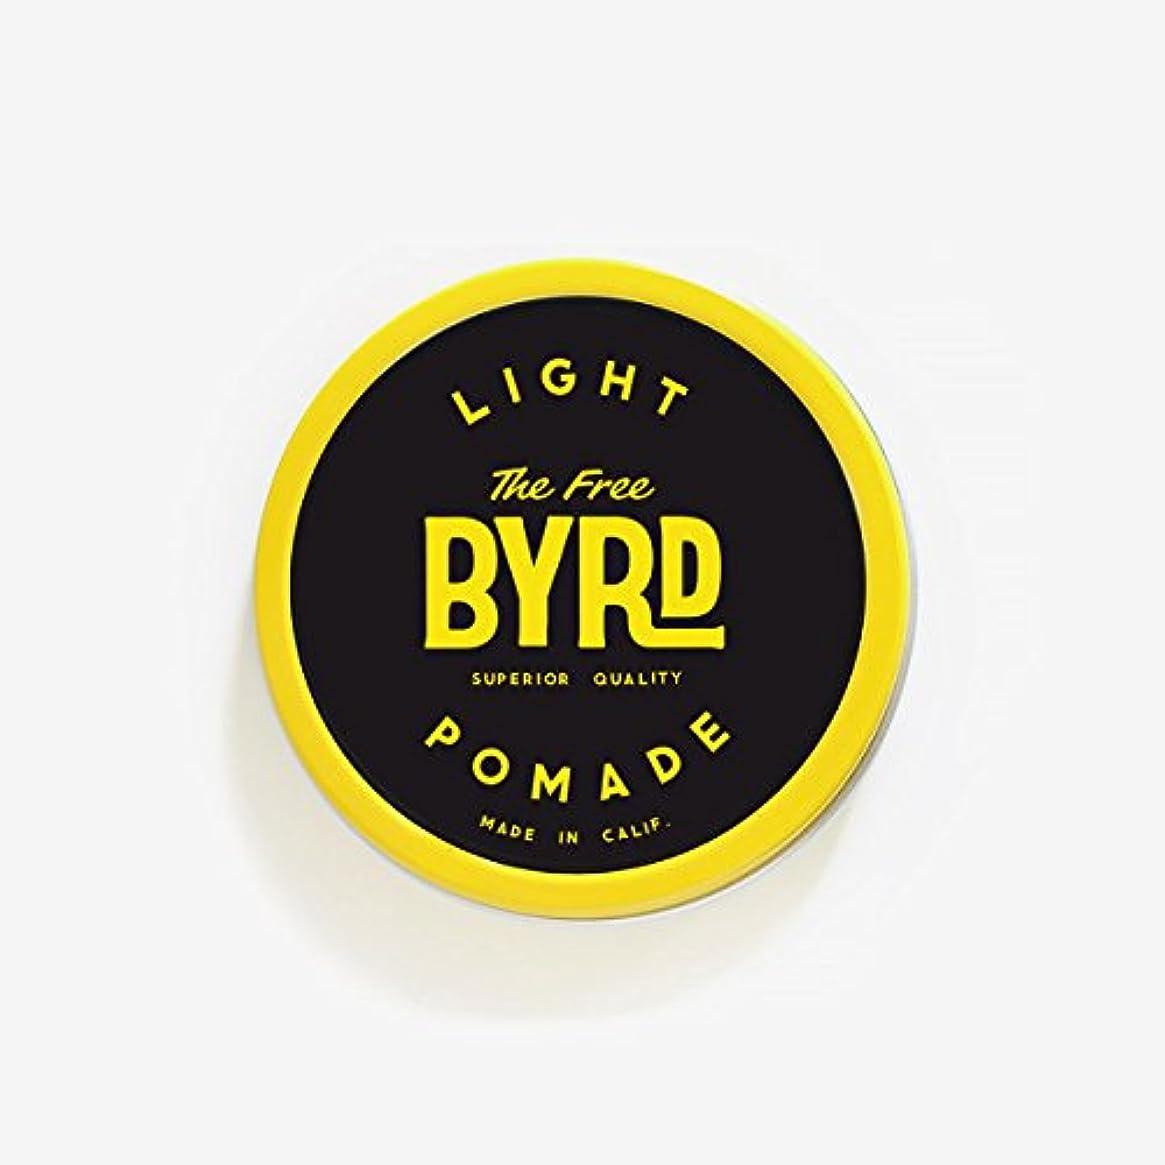 服を片付ける検査結び目バード(BYRD) カリフォルニア発ポマード288 LIGHT POMADE SMALL(スモールサイズ)ライトスタイルヘアワックスヘアスタイリング剤耐水性香料メンズ/レディース 【LIGHT】SMALL